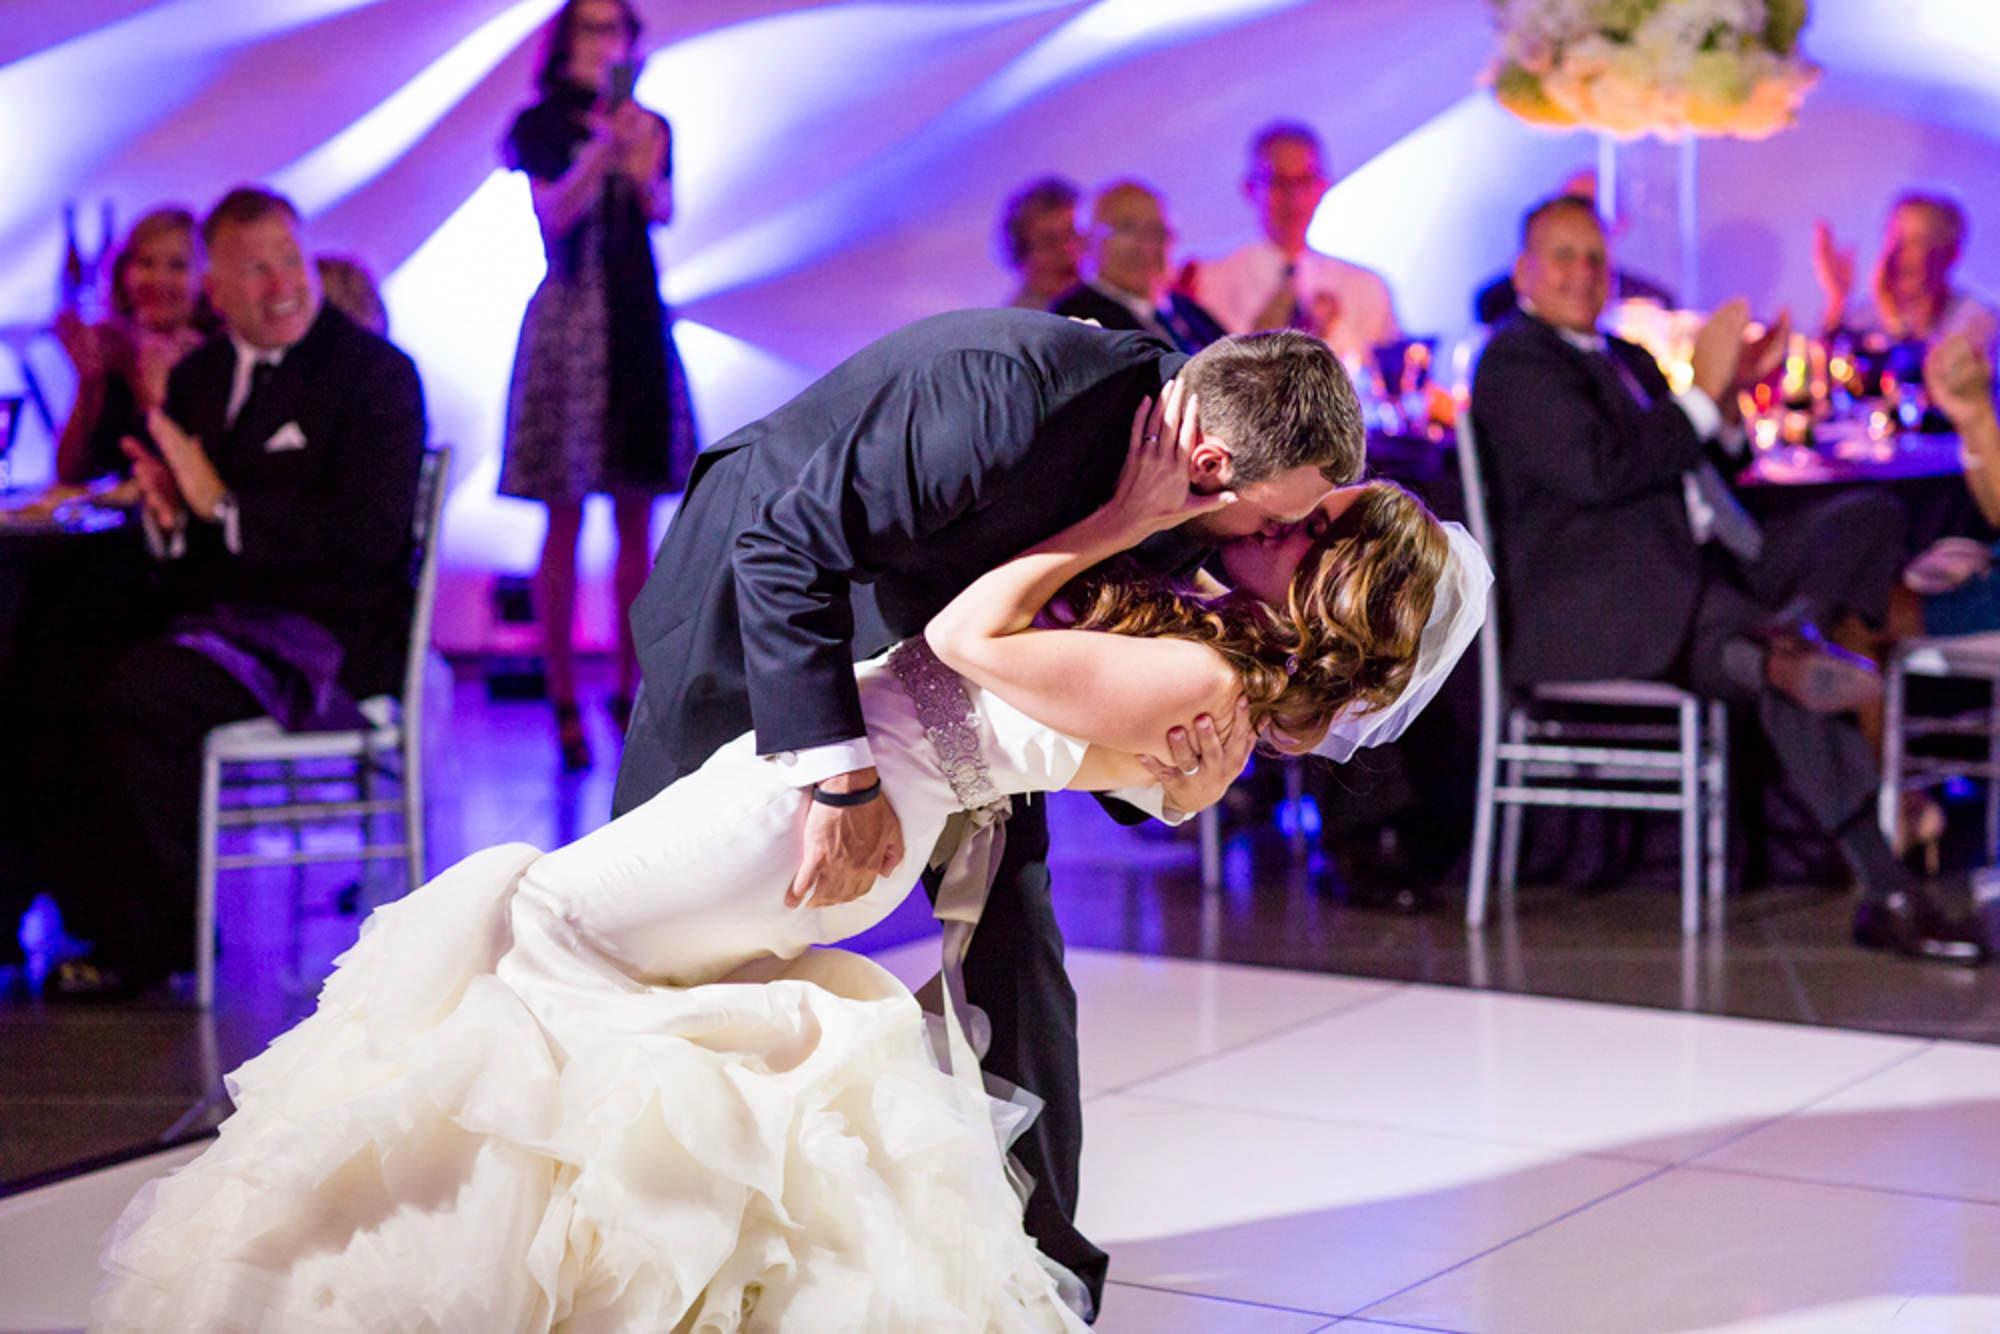 Groom dips bride to the floor for first dance  -  La Vie Photography - San Juan Islands